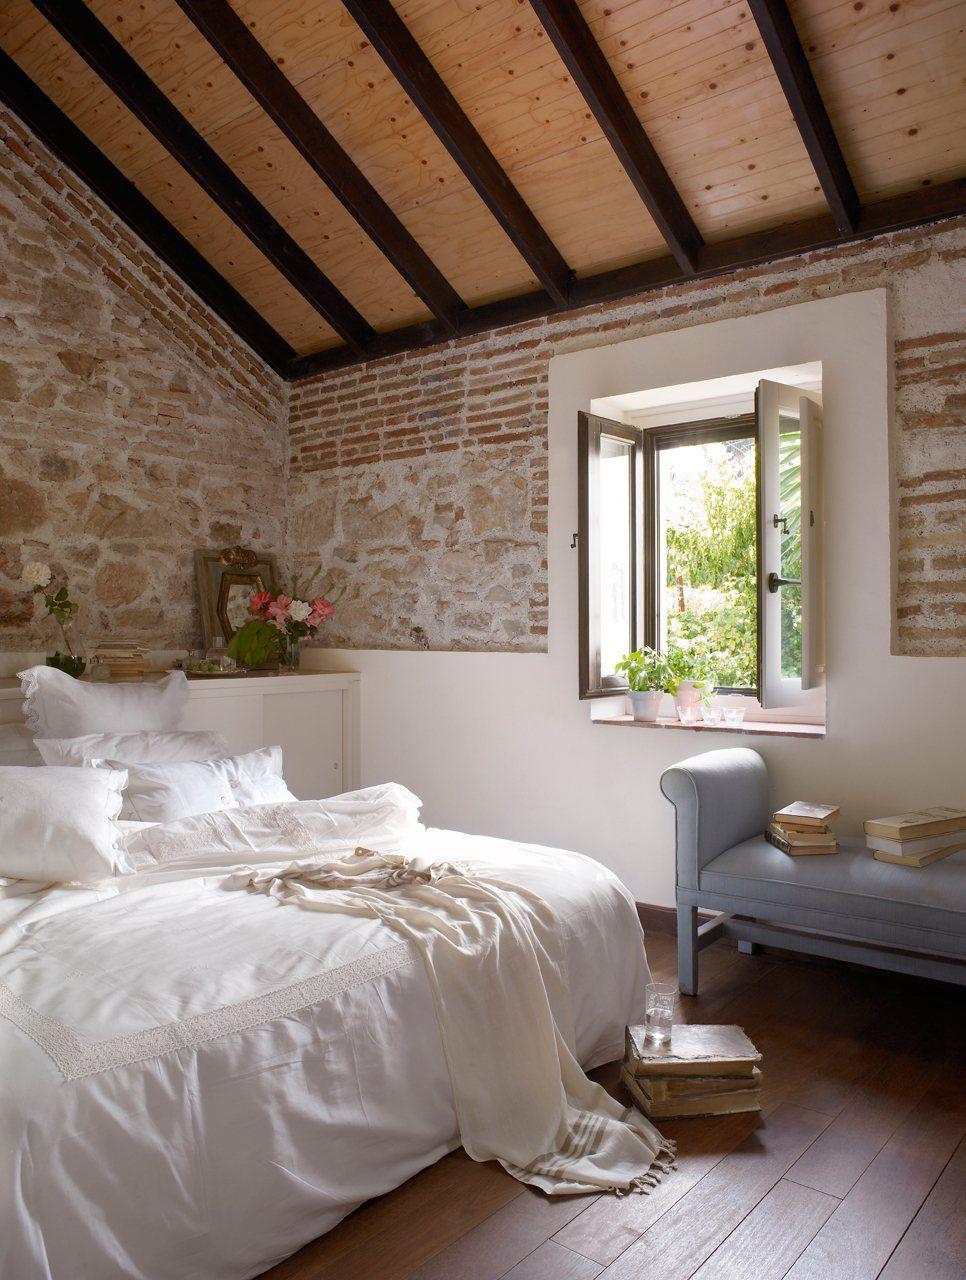 Decora tus paredes habitaciones dormitorios - Decoracion de paredes de dormitorios ...